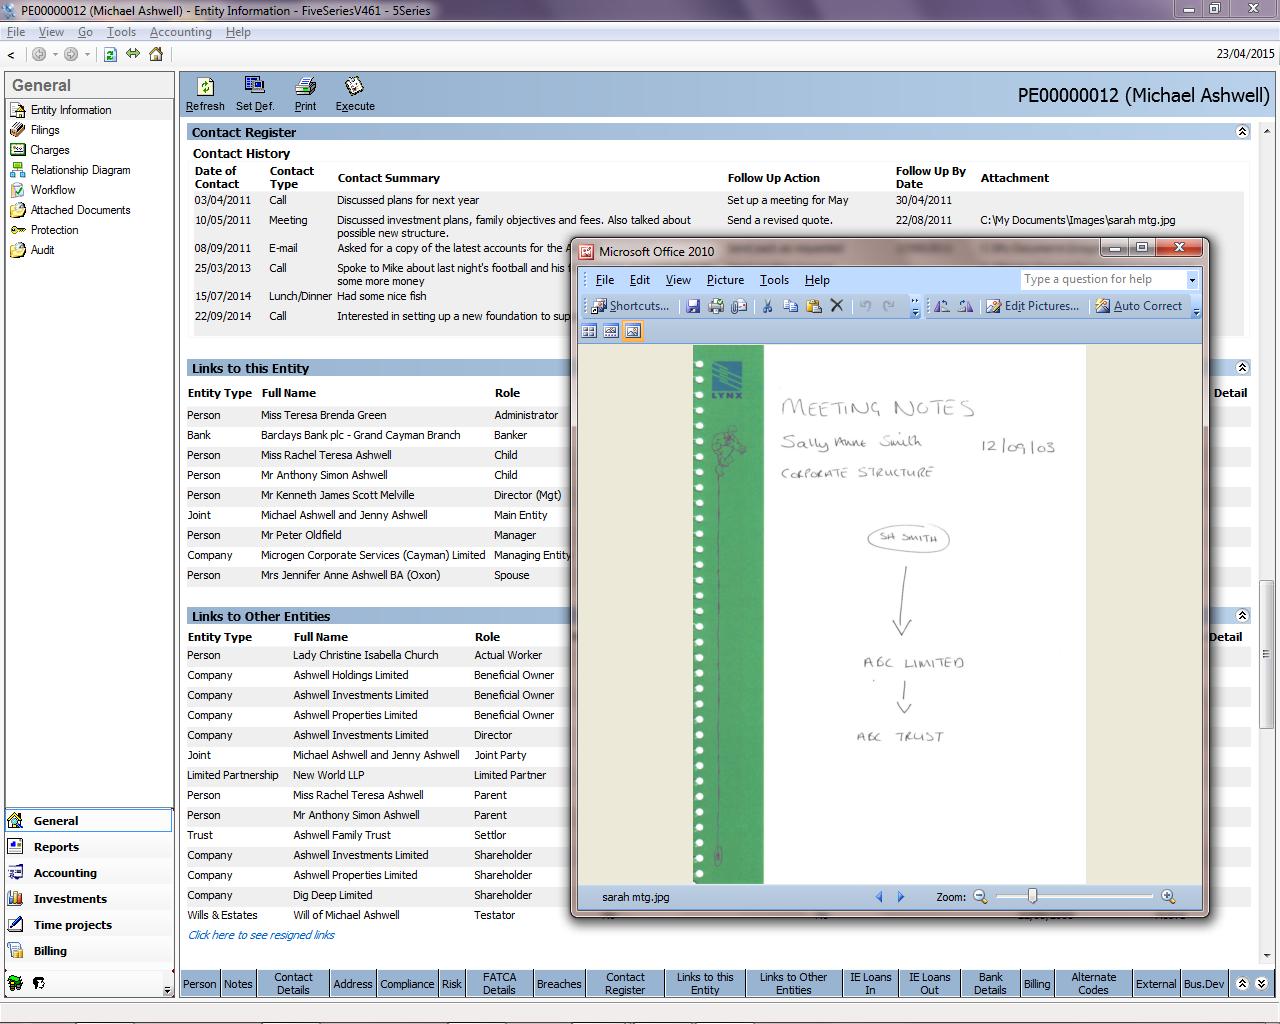 TrustQuay 5Series document management